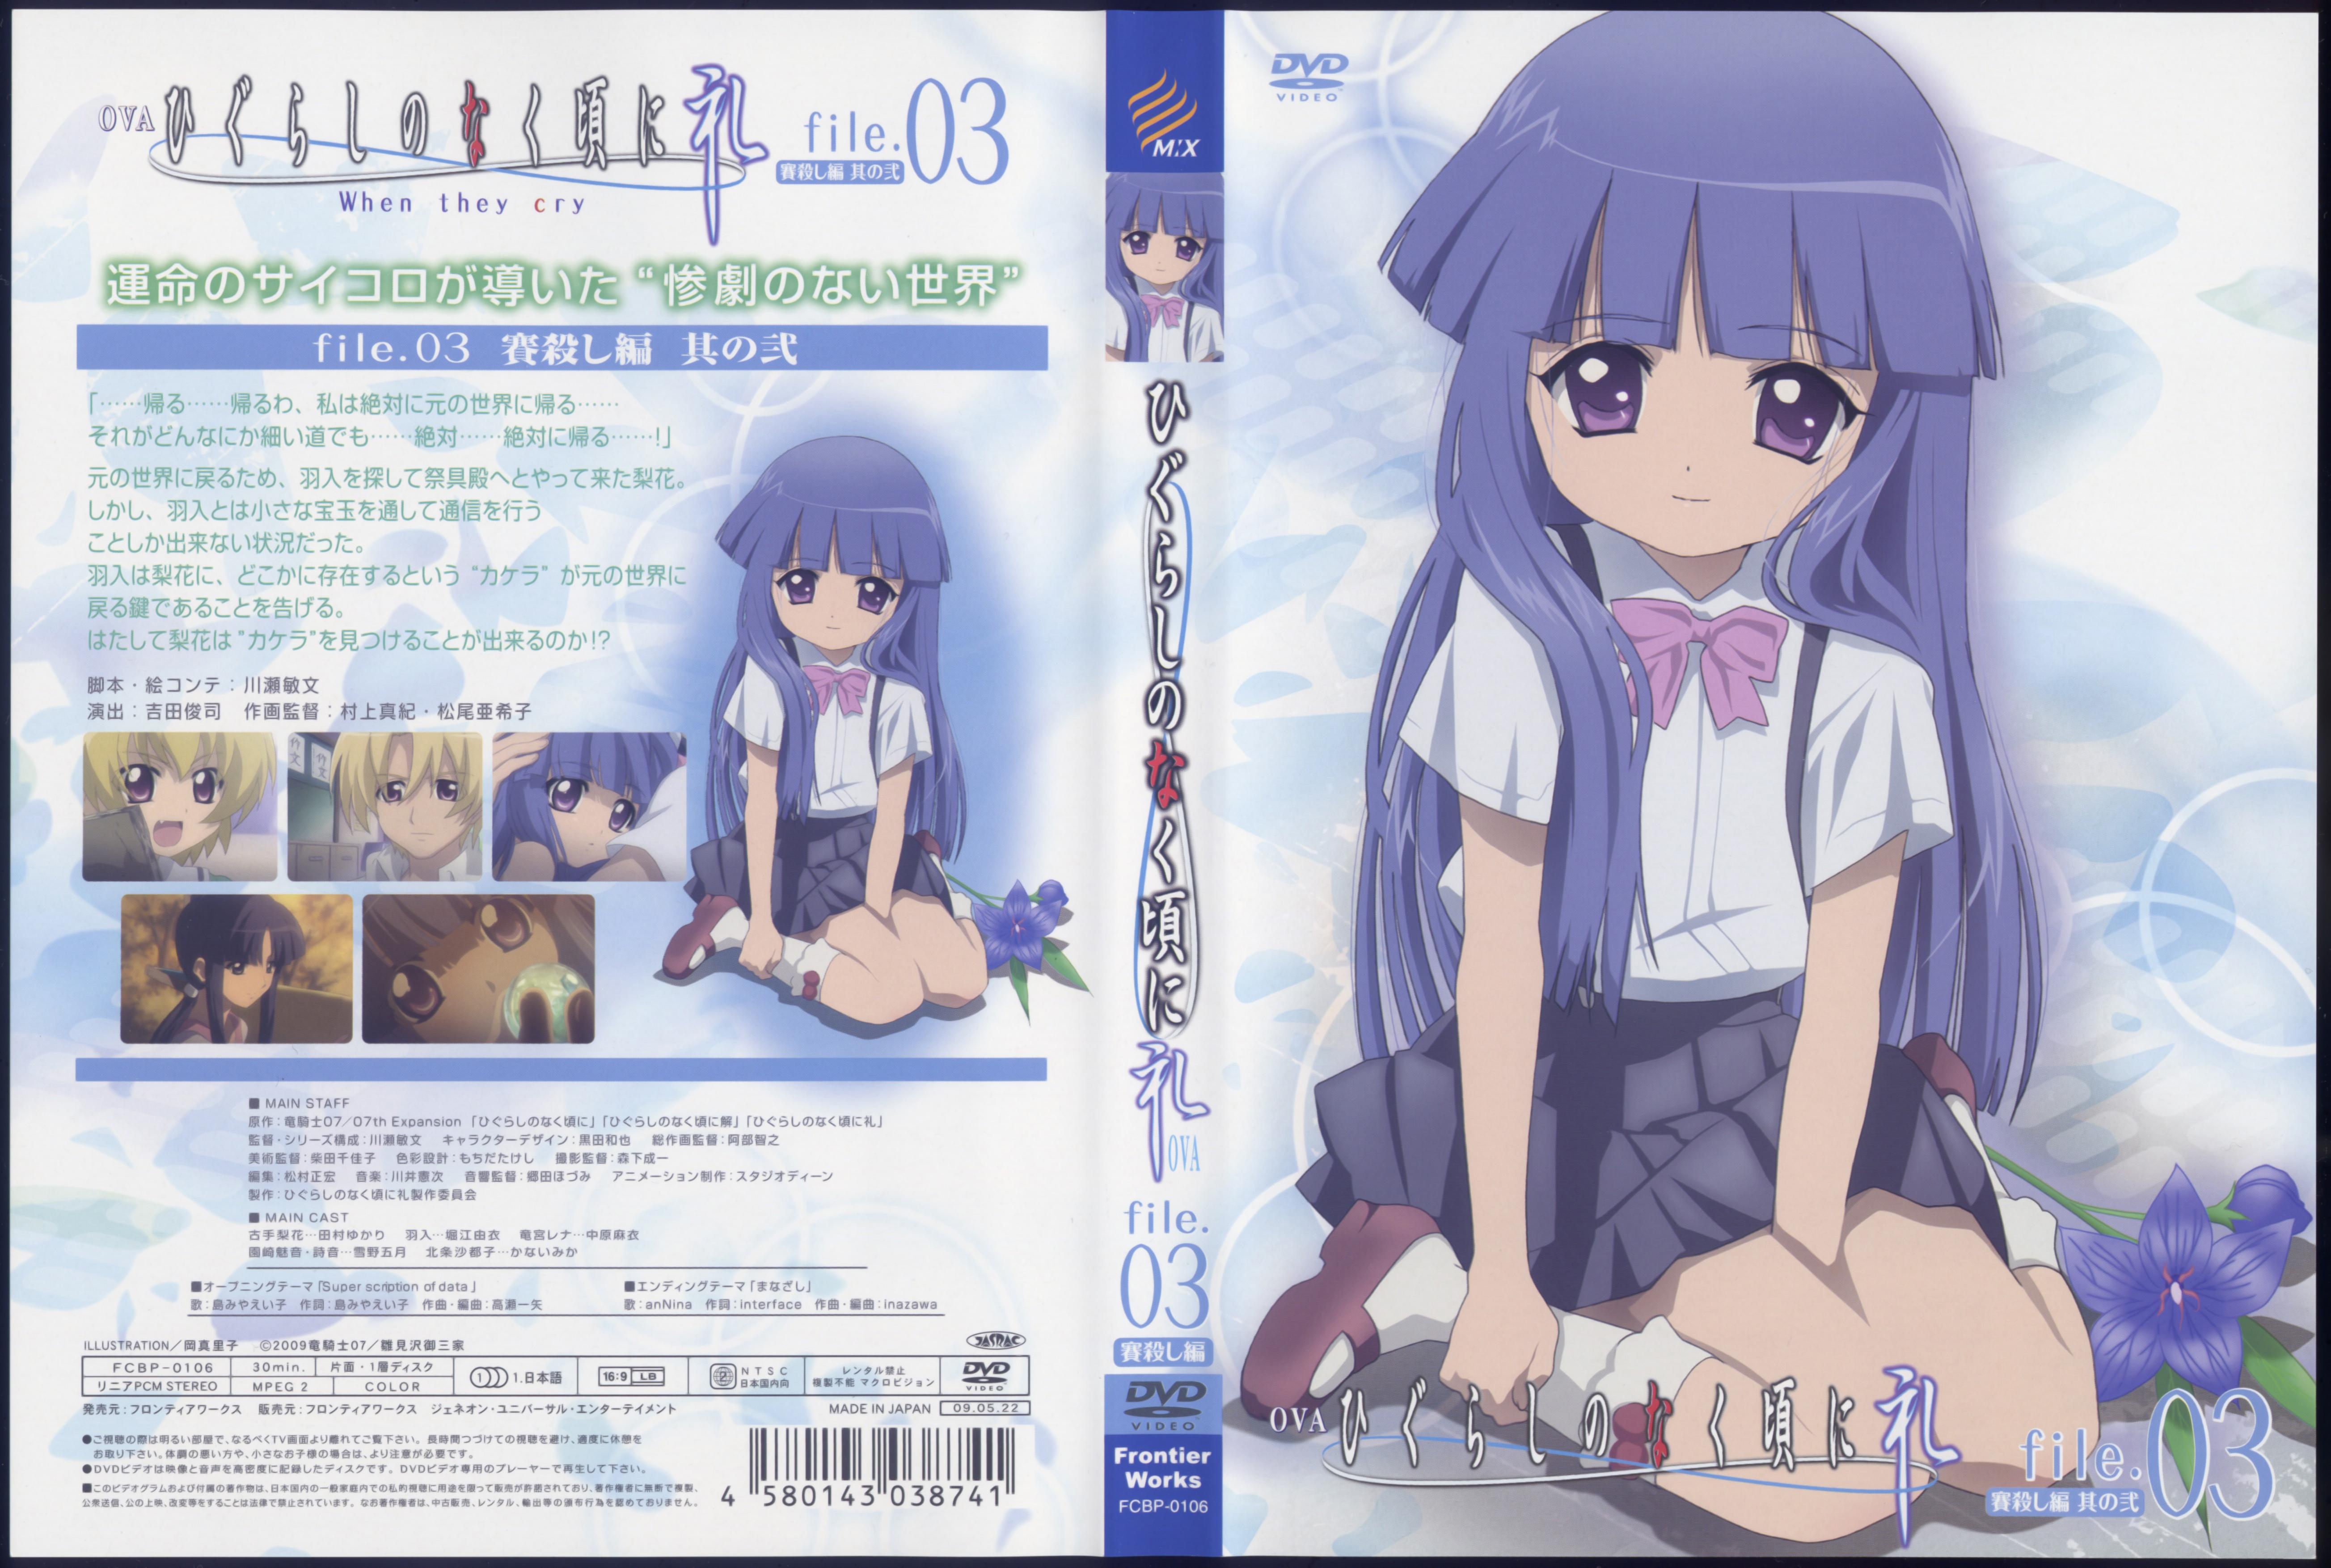 Furude Rika Higurashi No Naku Koro Ni Image 2349700 Zerochan Anime Image Board